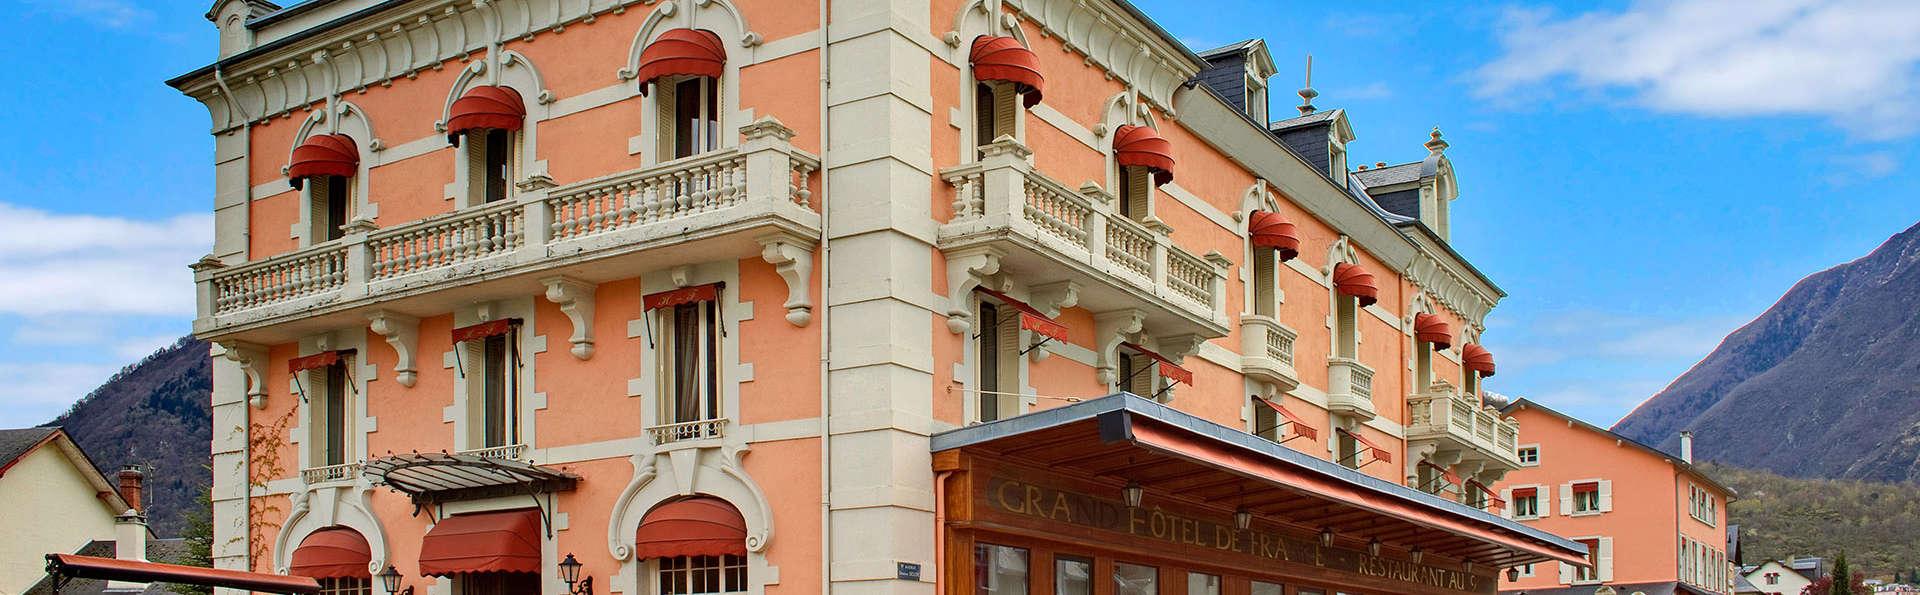 Grand Hôtel de France - edit_front3.jpg